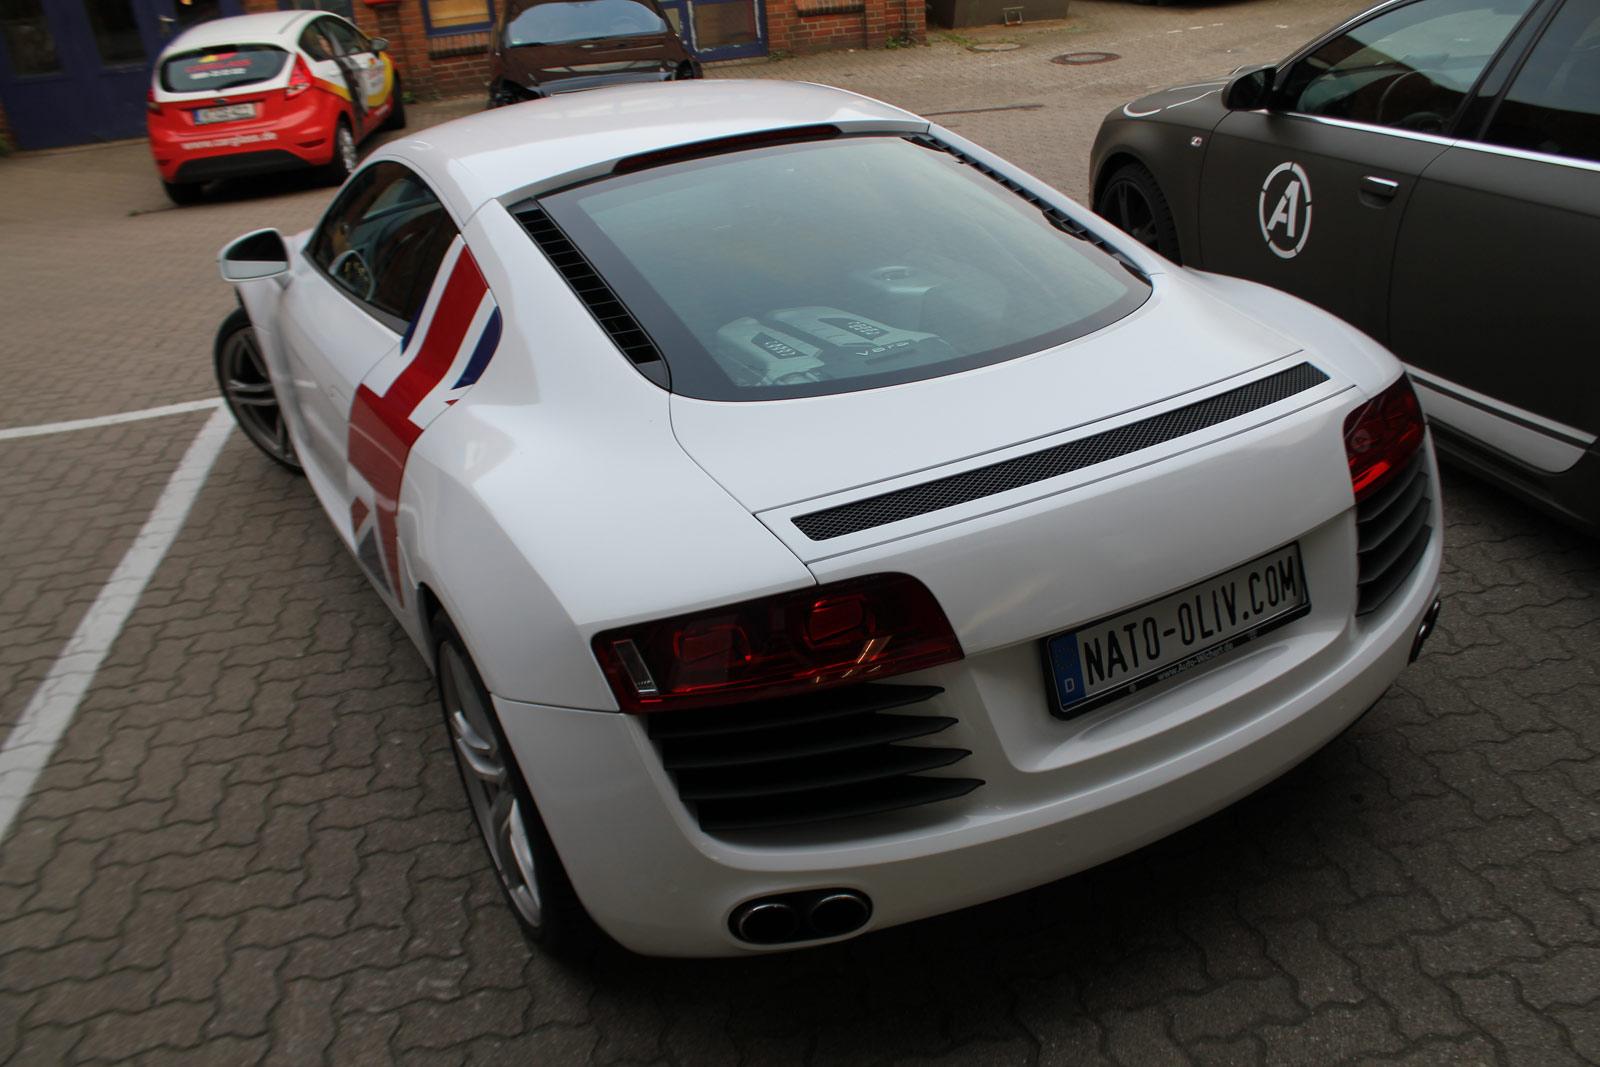 Audi_R8_Folierung_Weiß_Glanz_Union_Jack_Flagge_16